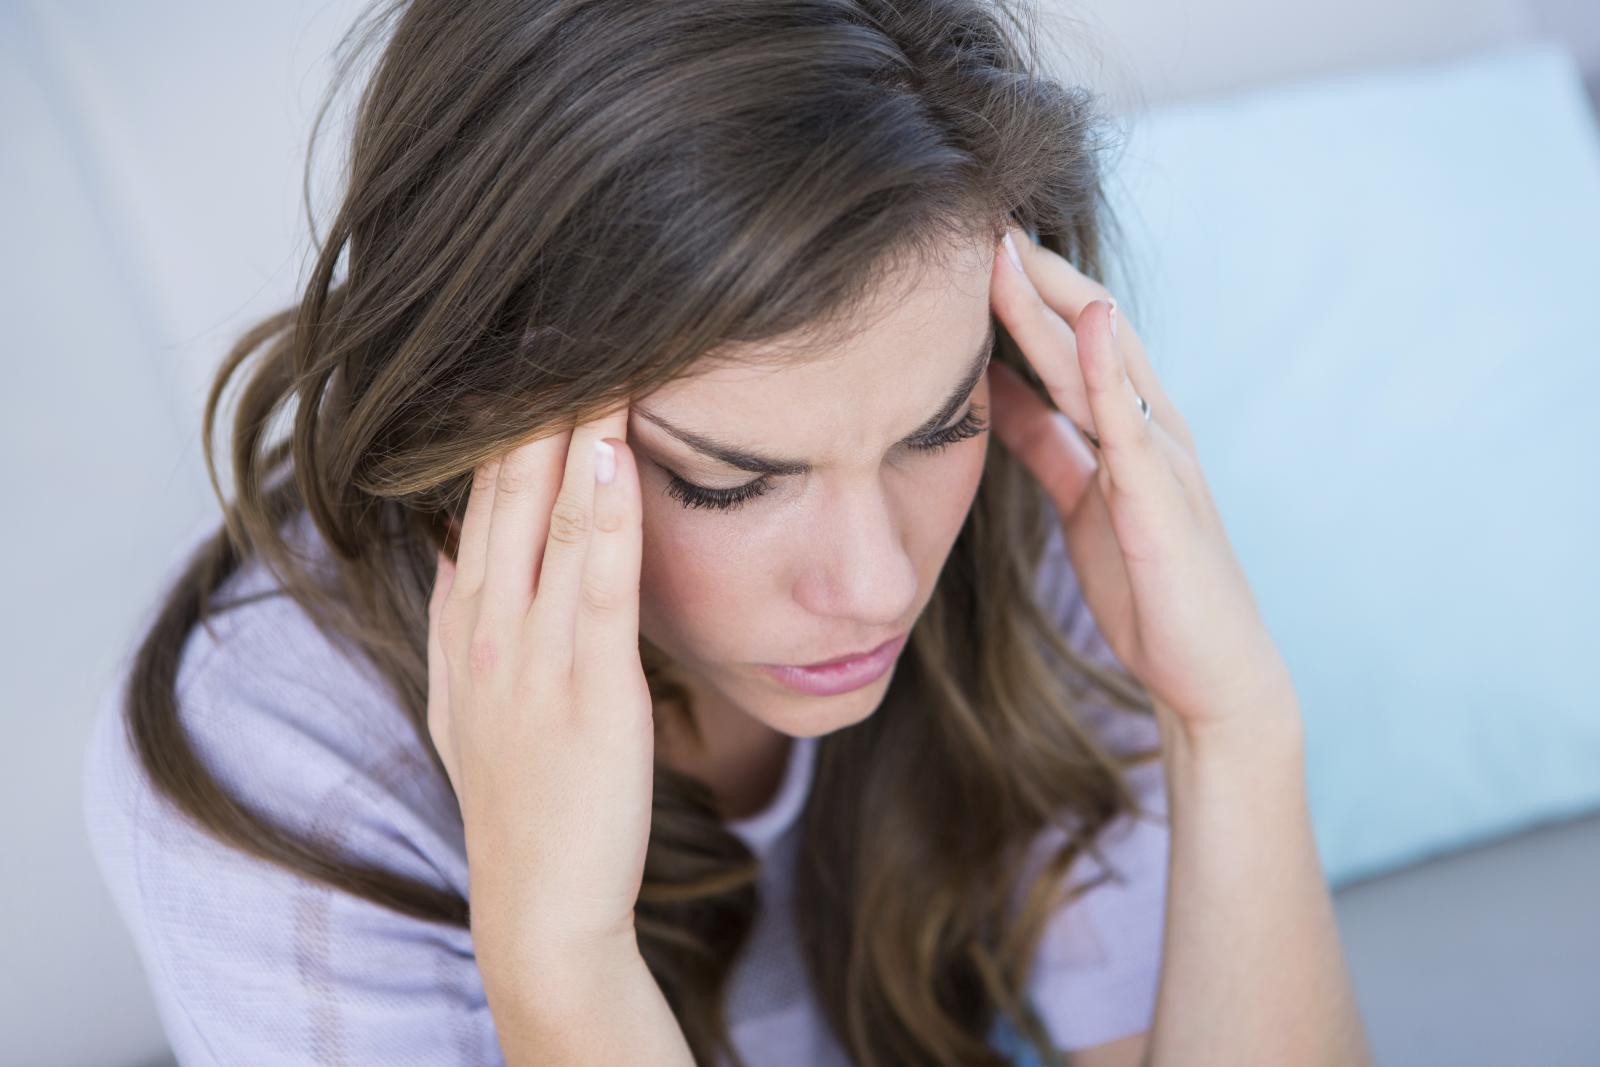 Zbog nedostatka koenzima Q10 migrene su češće kod djevojčica i žena.